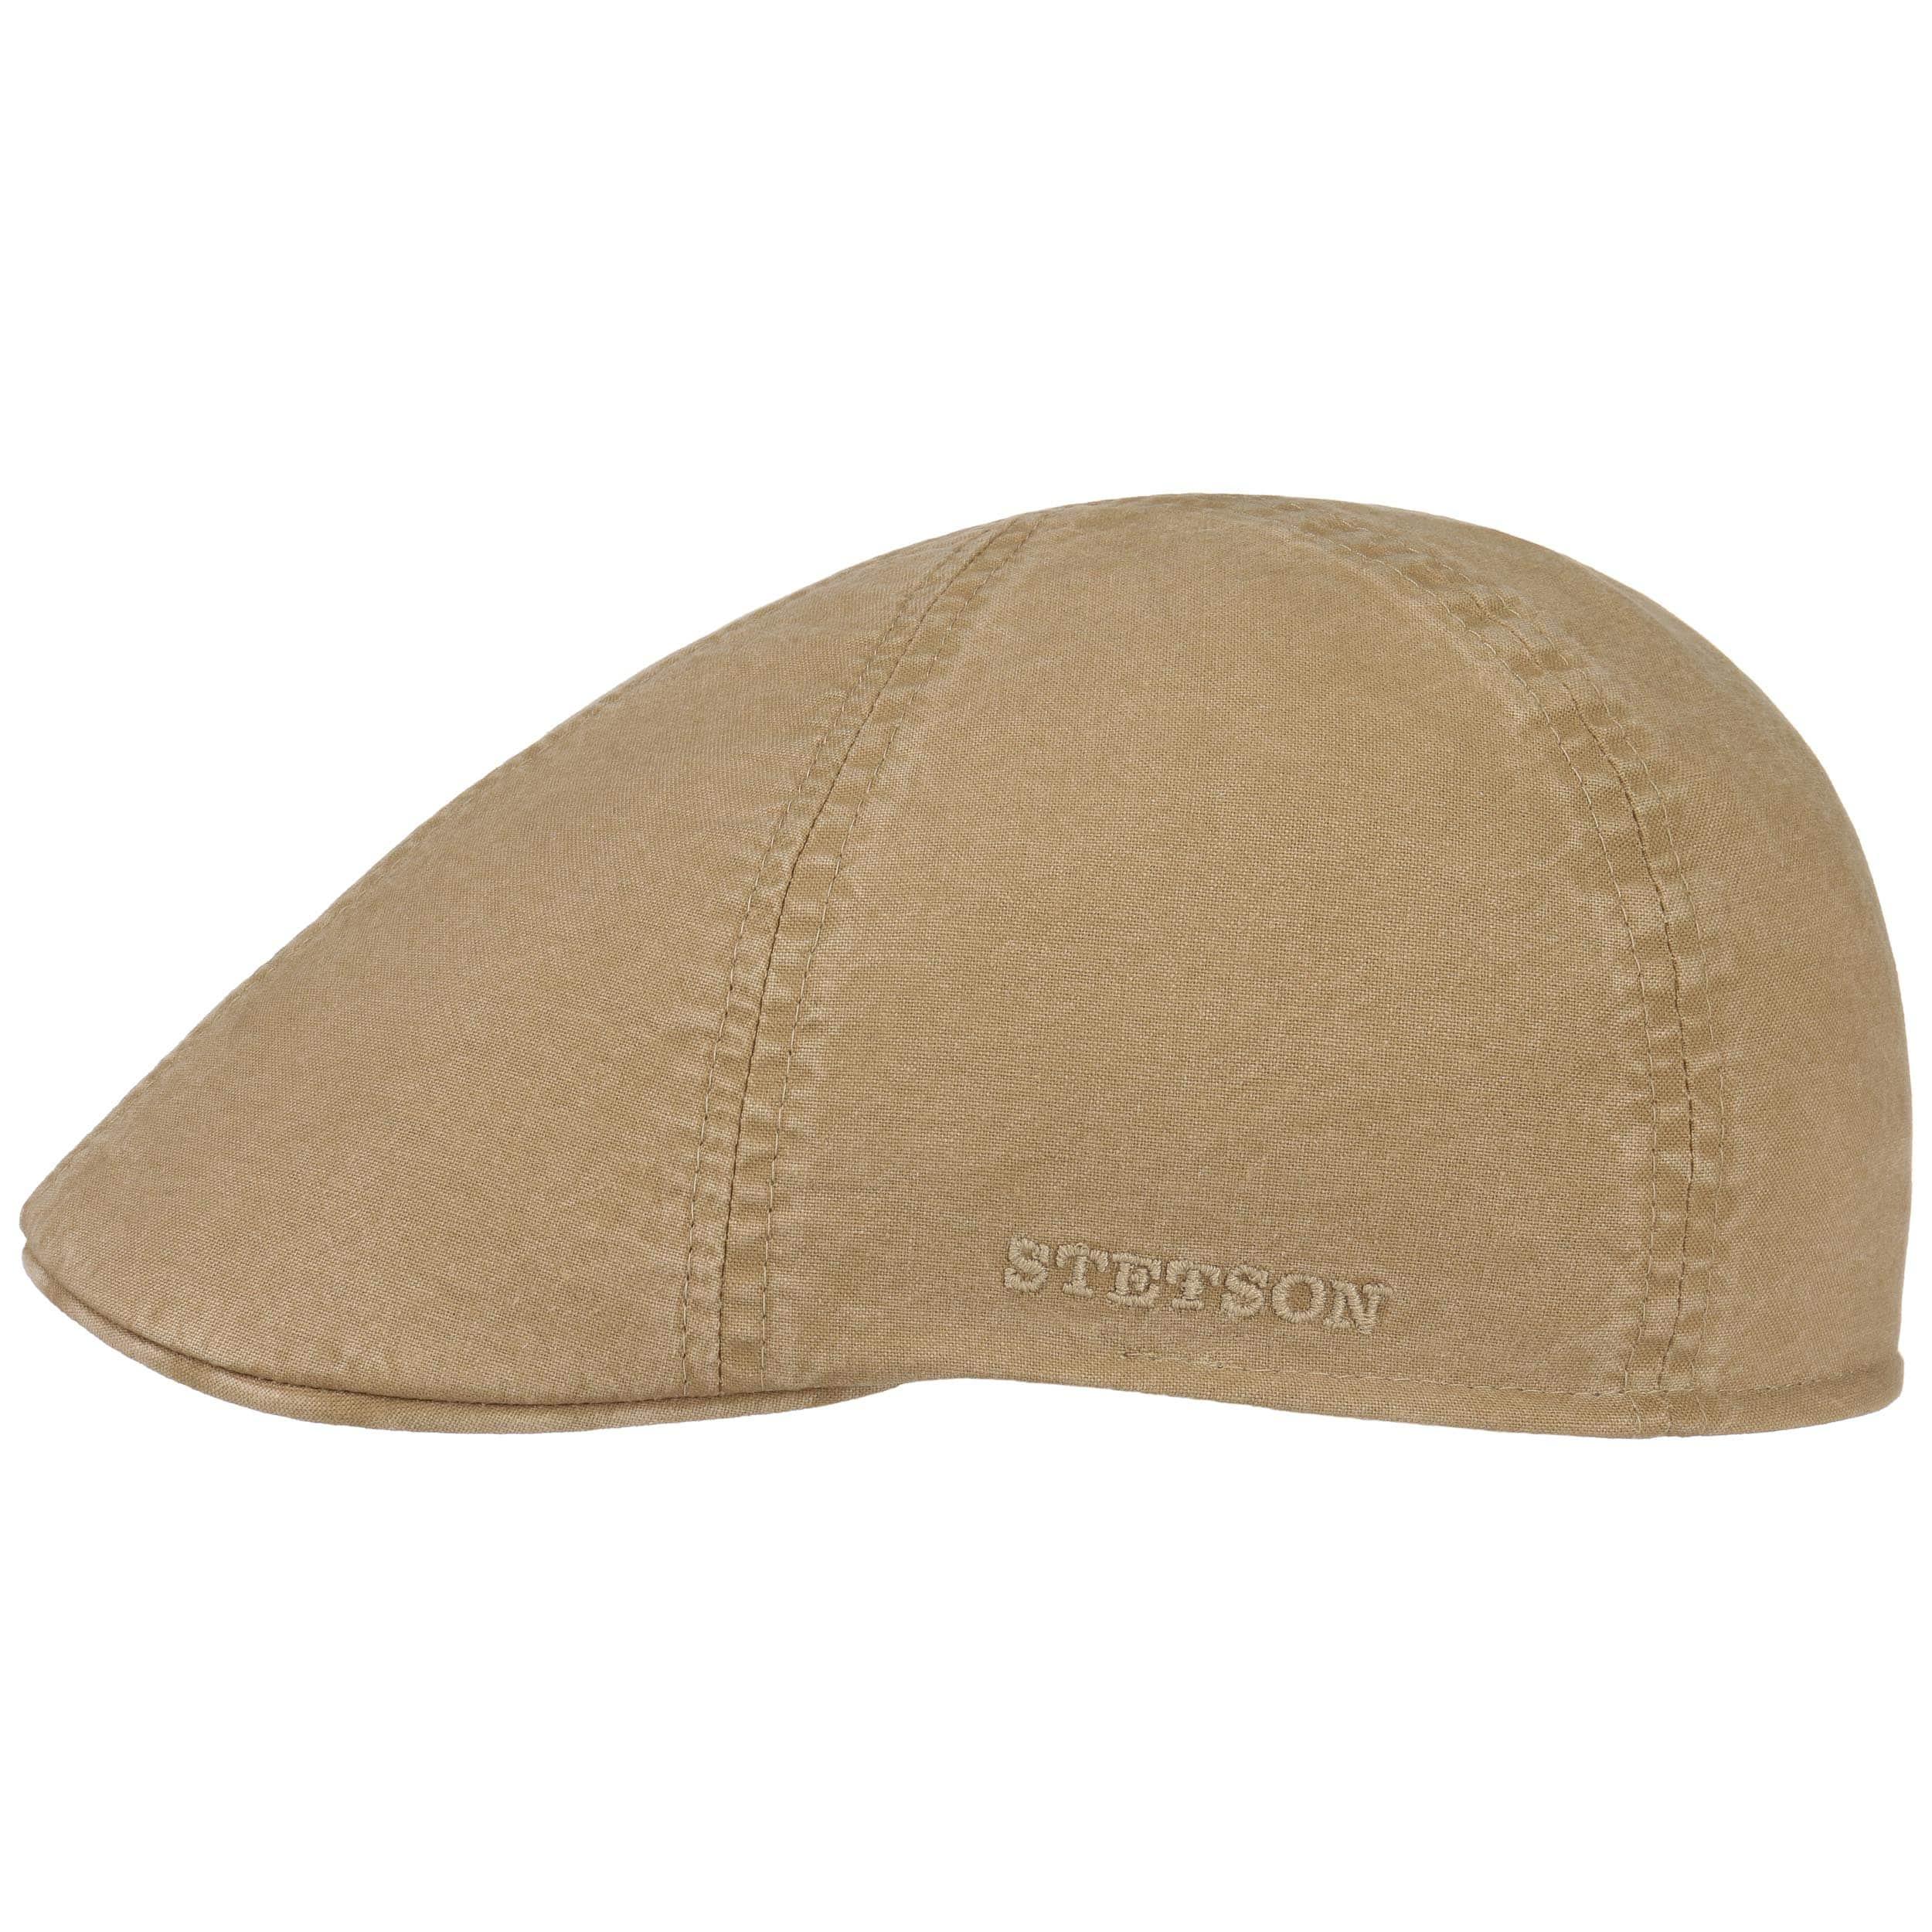 Fodera Fodera Estate//Inverno Stetson Coppola Texas Grenville Check Uomo Made in The EU Cotton cap Cappello Piatto Berretto Lino con Visiera